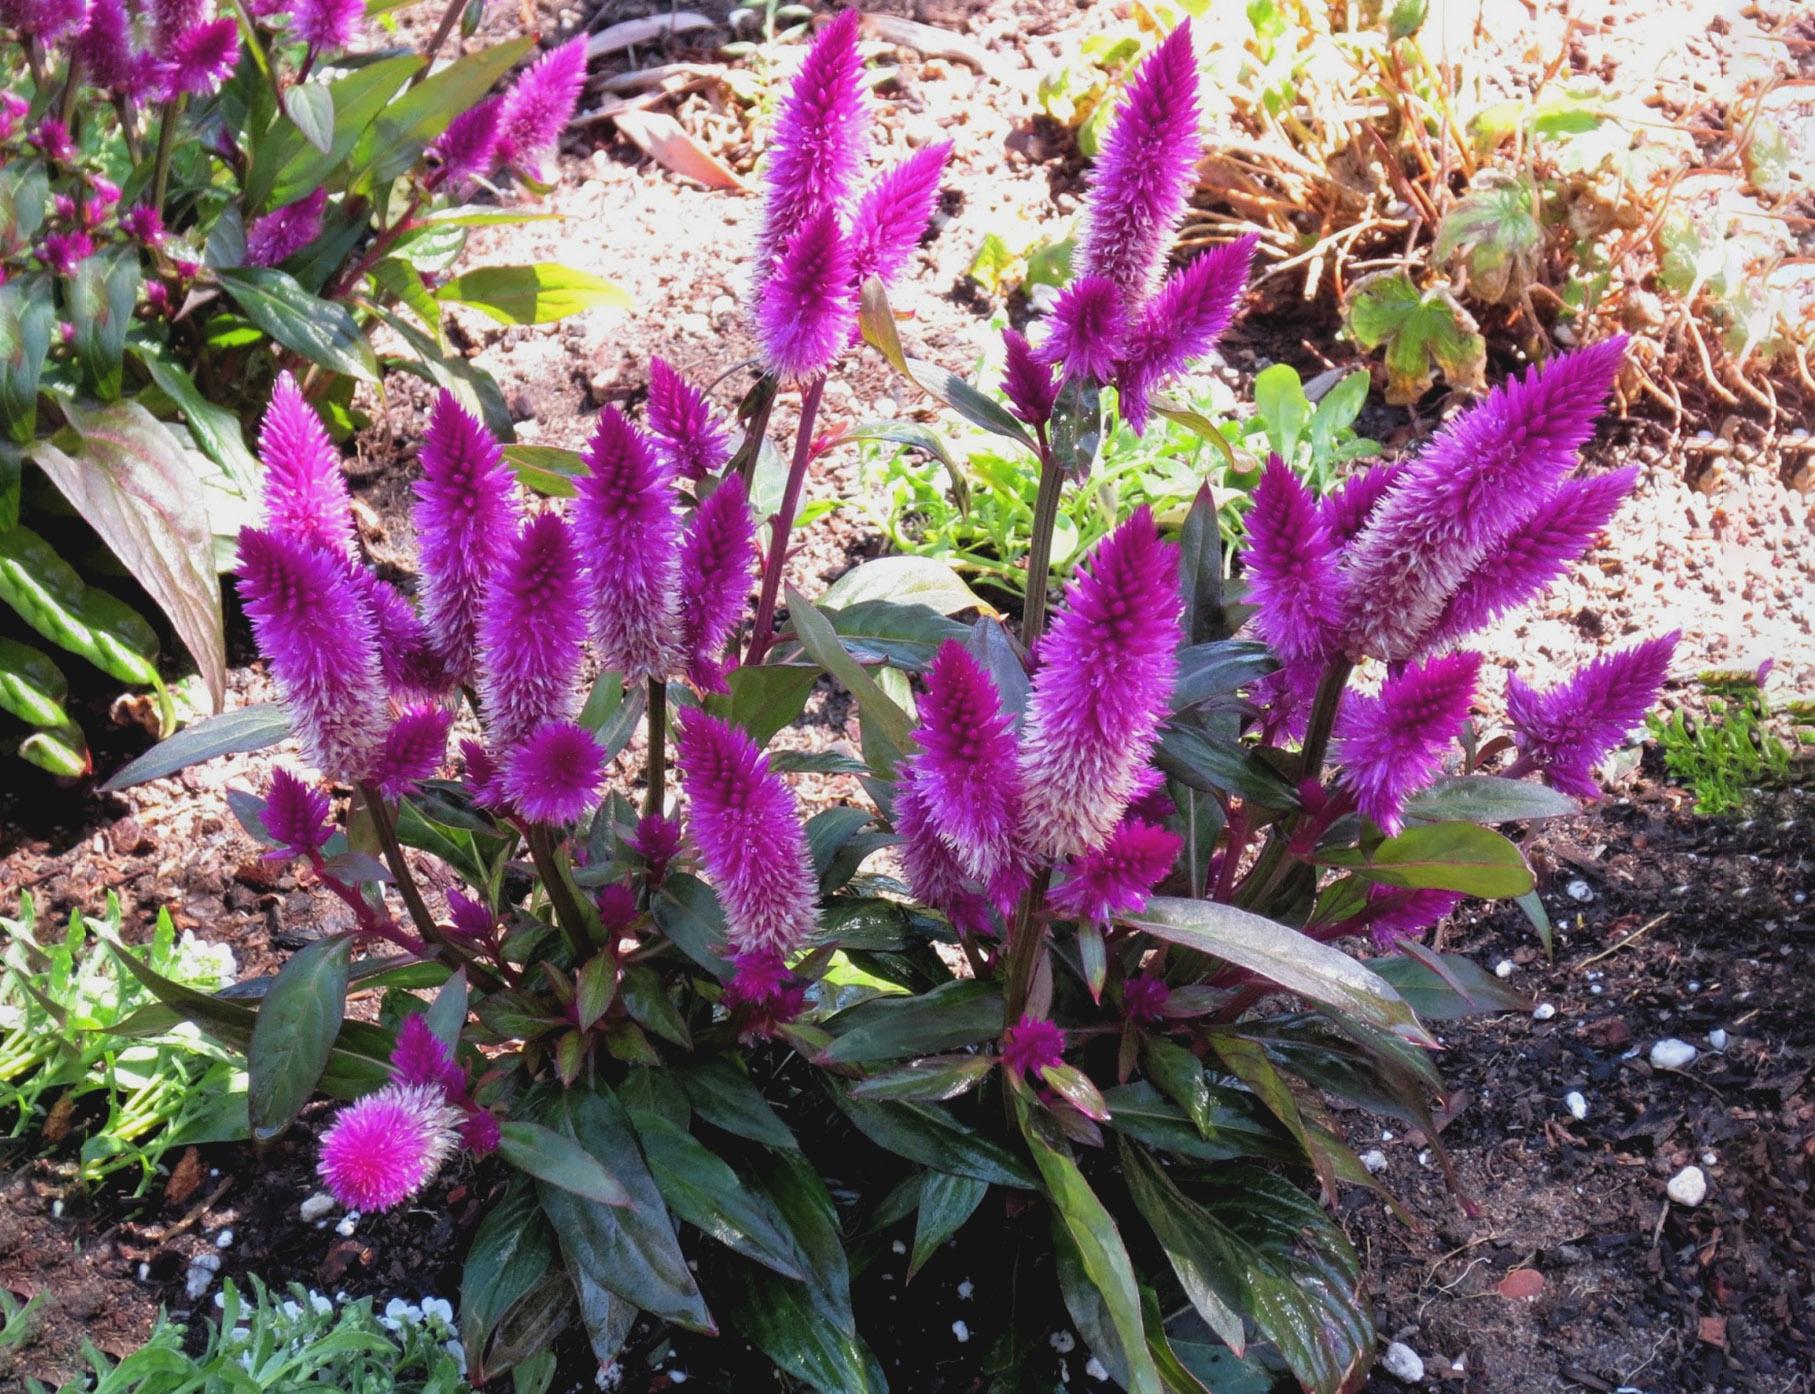 Gėlė celiozija (nuotrauka)